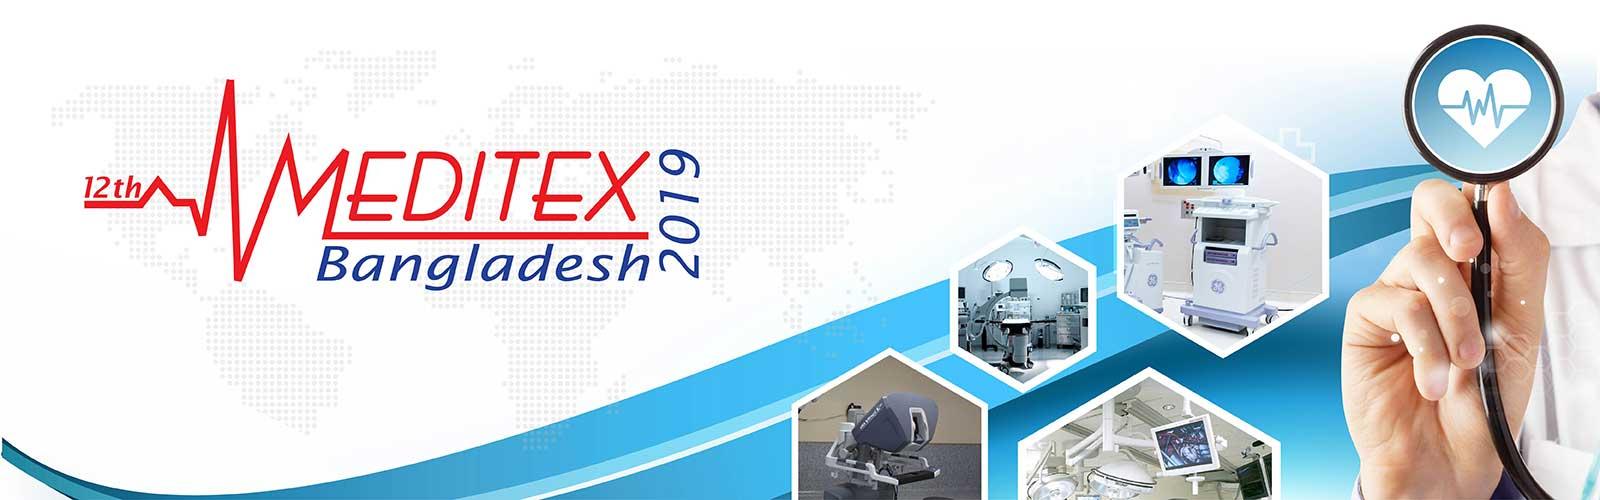 MEDITEX 2015